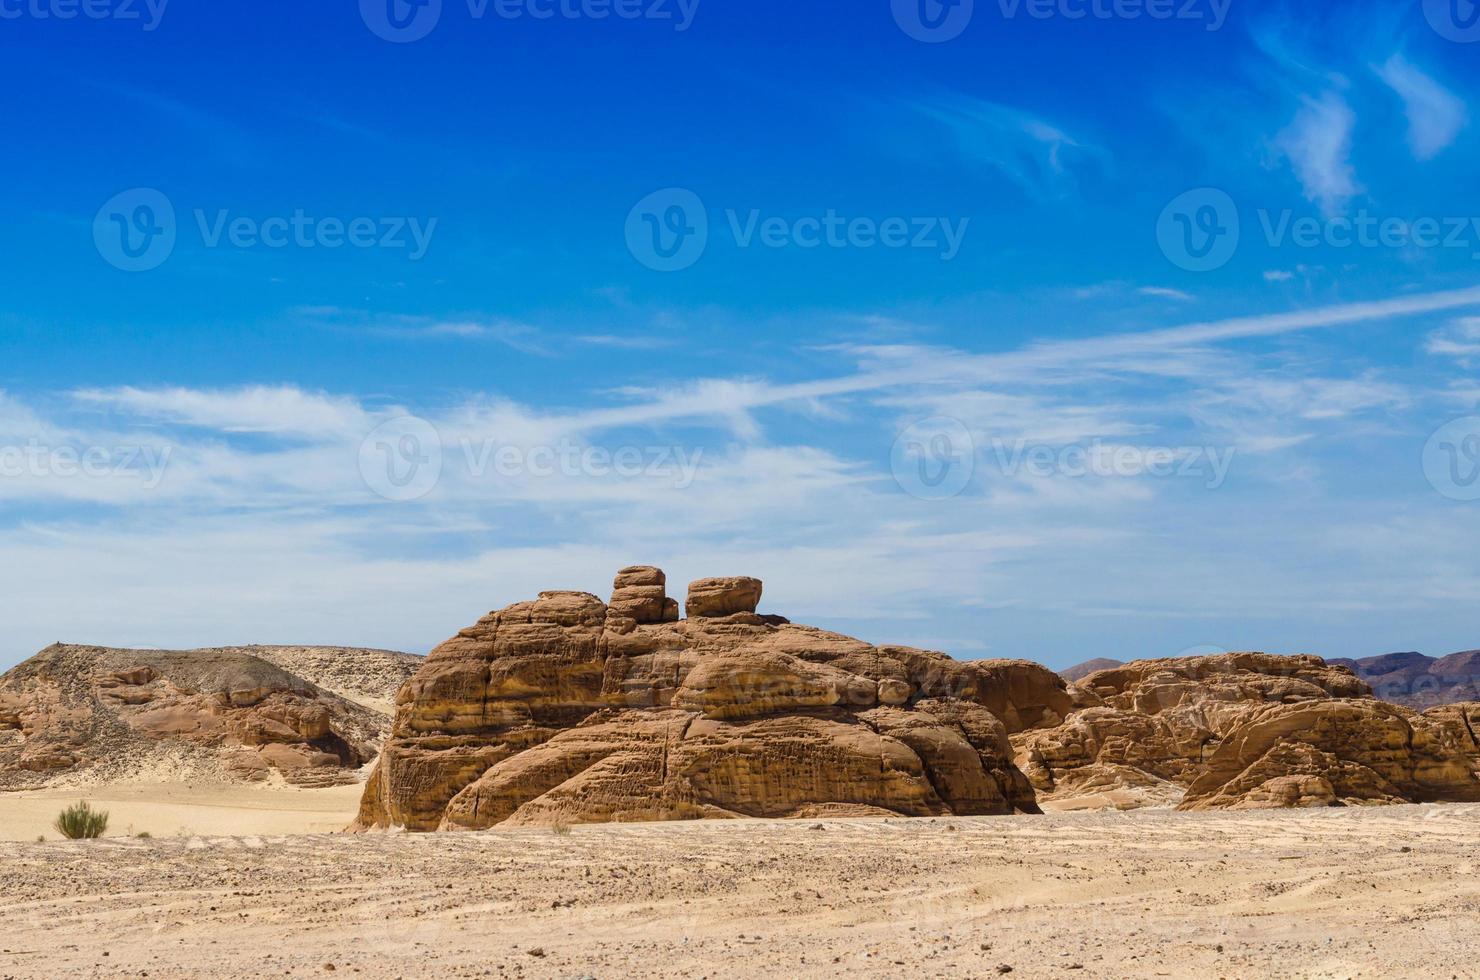 roches dans le désert avec un ciel bleu photo